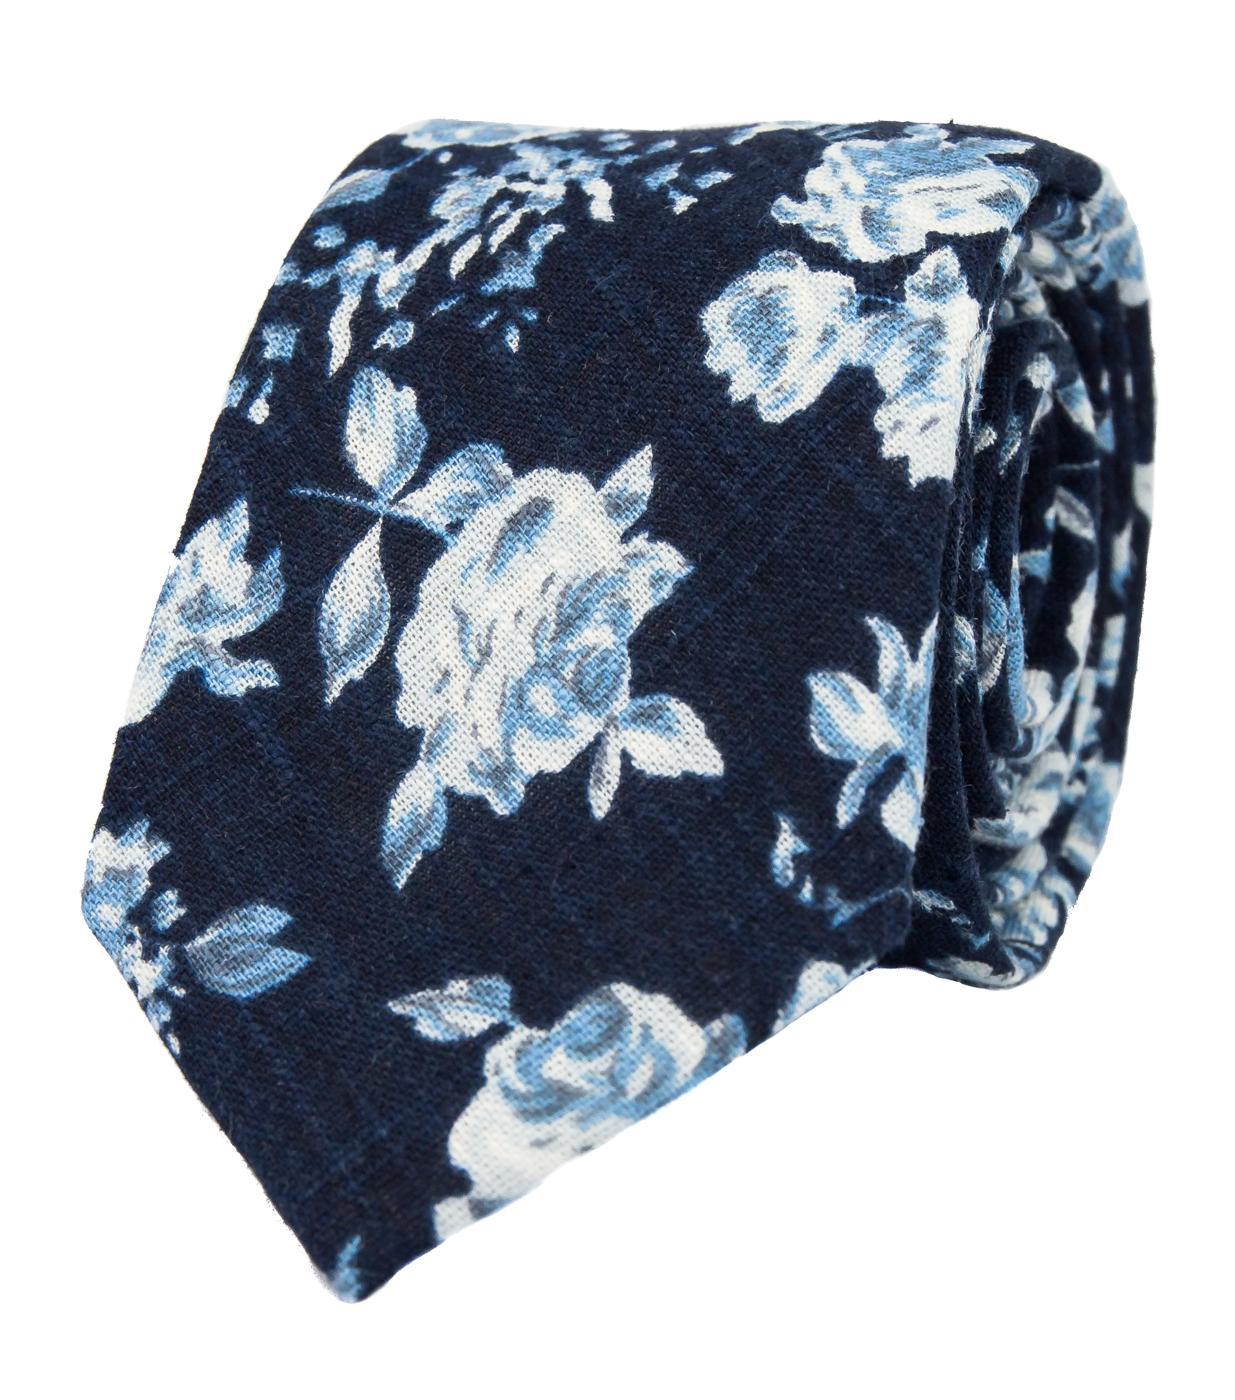 Nové svatební kravaty a motýlky - Tmavomodrá kravata s květy